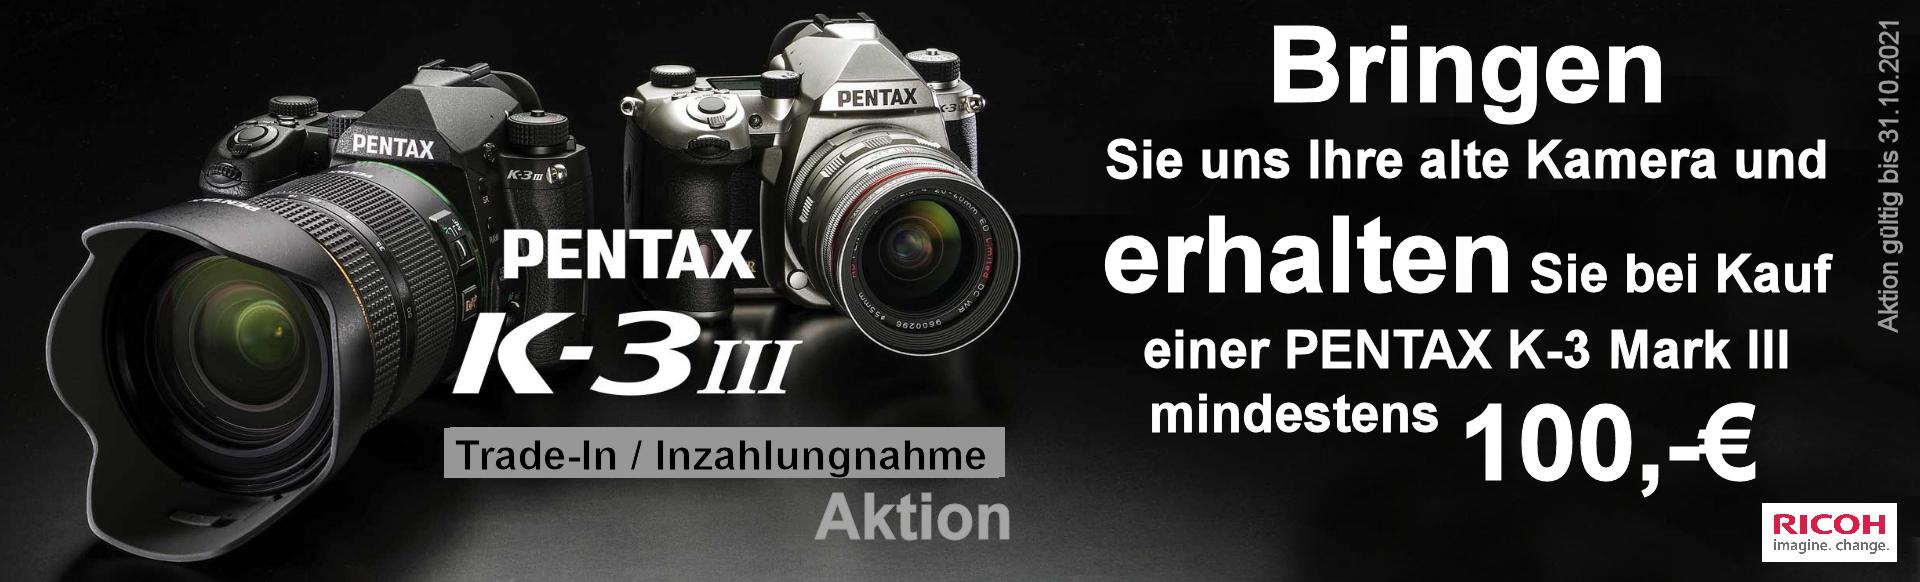 Foto Meyer Berlin Cashback und Sparaktionen:  PENTAX K-3 III AKTION